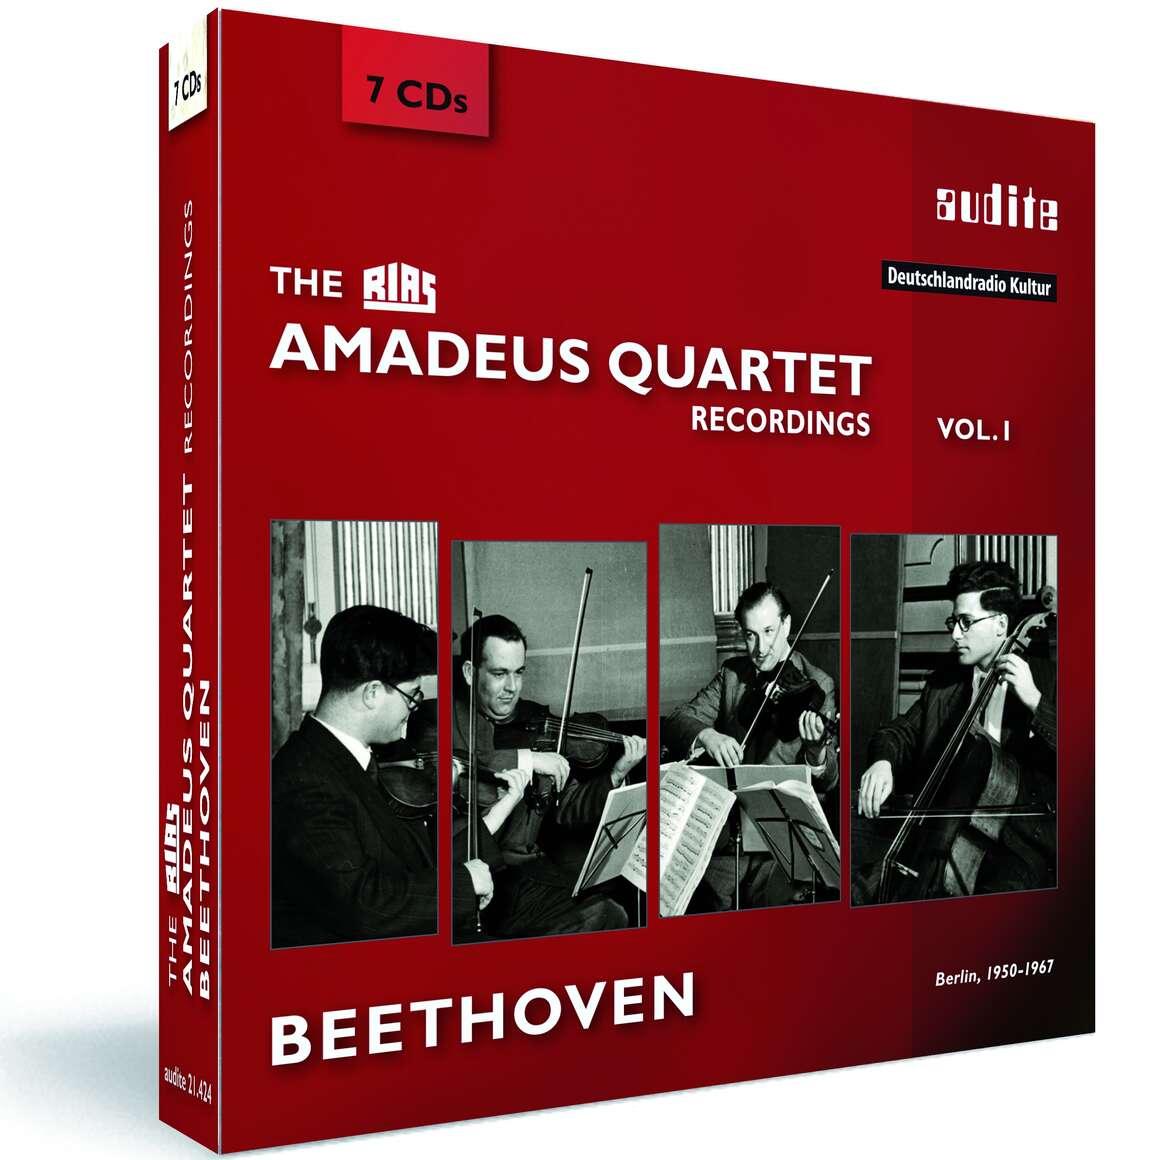 The RIAS Amadeus Quartet Beethoven Recordings